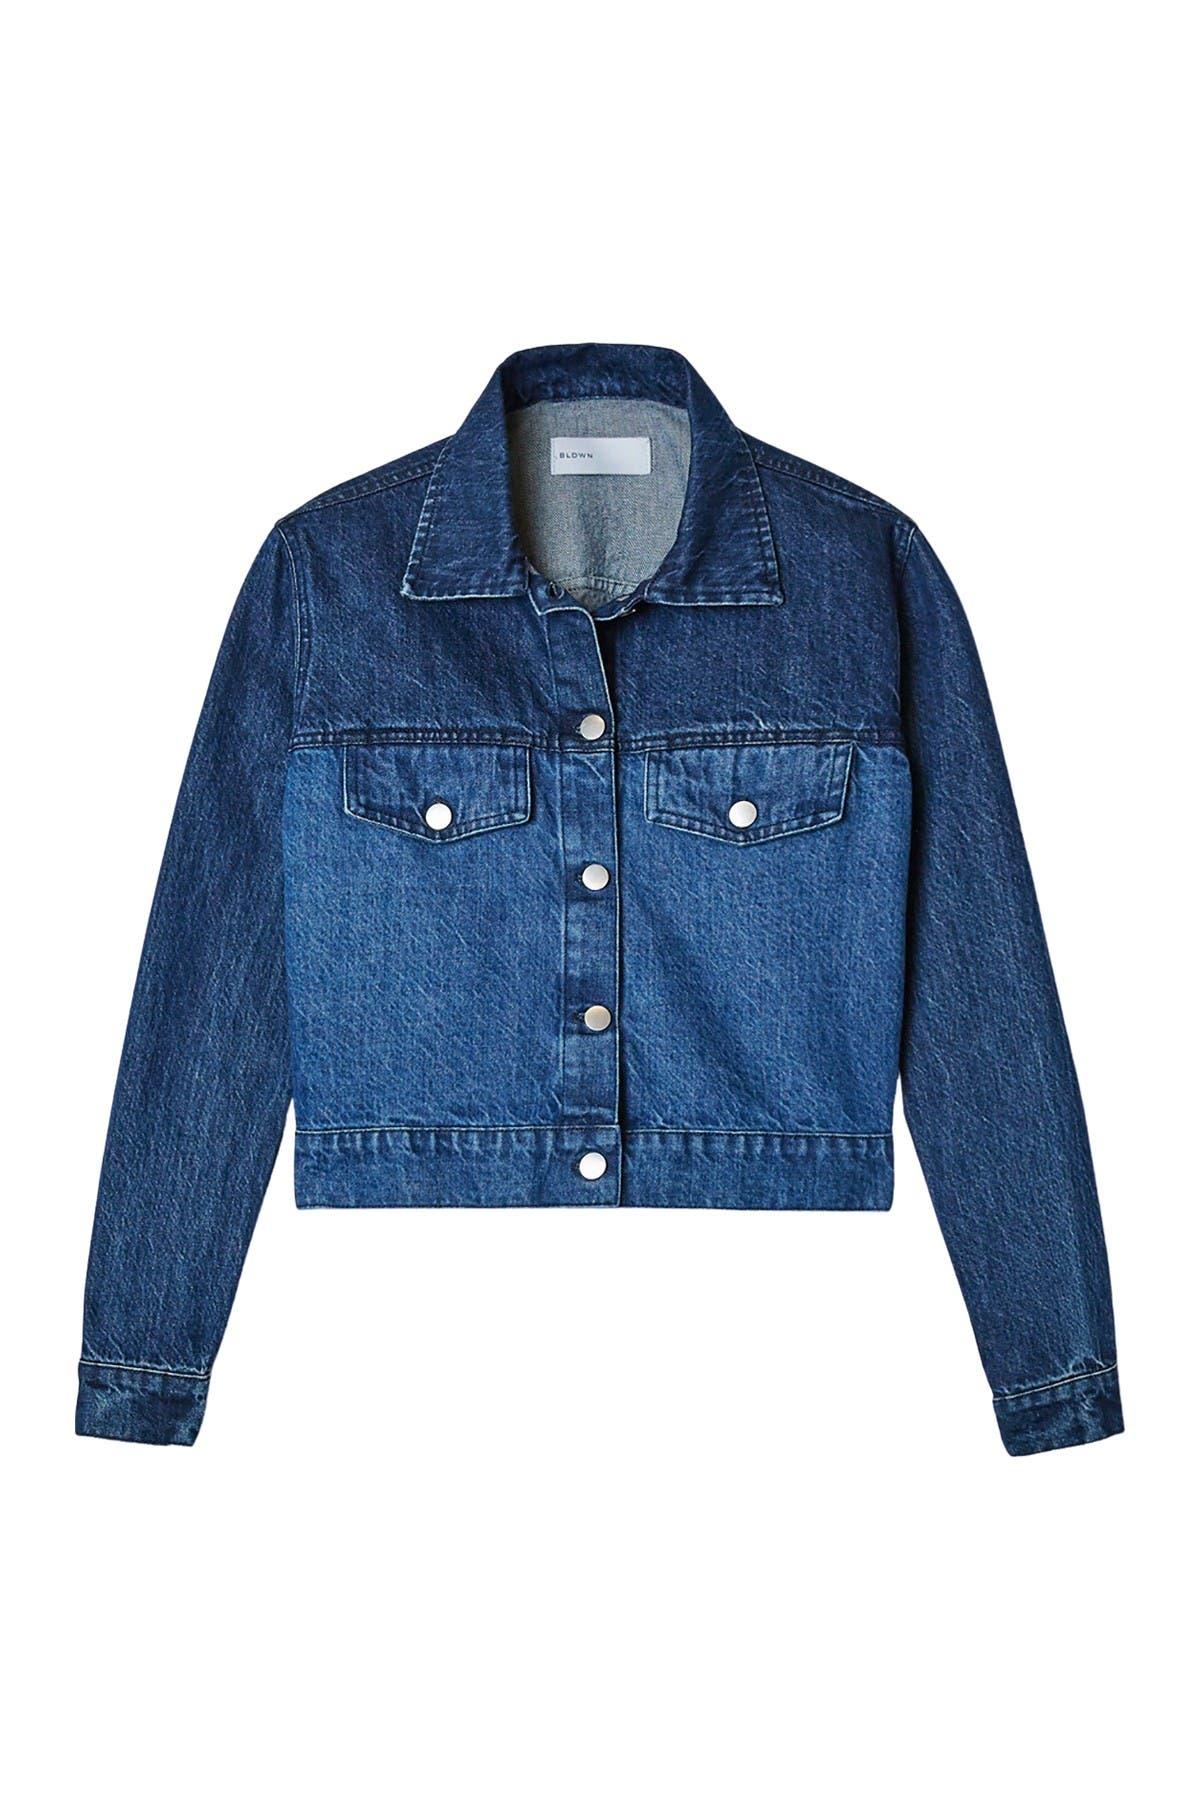 Image of BALDWIN Sonic Jacket